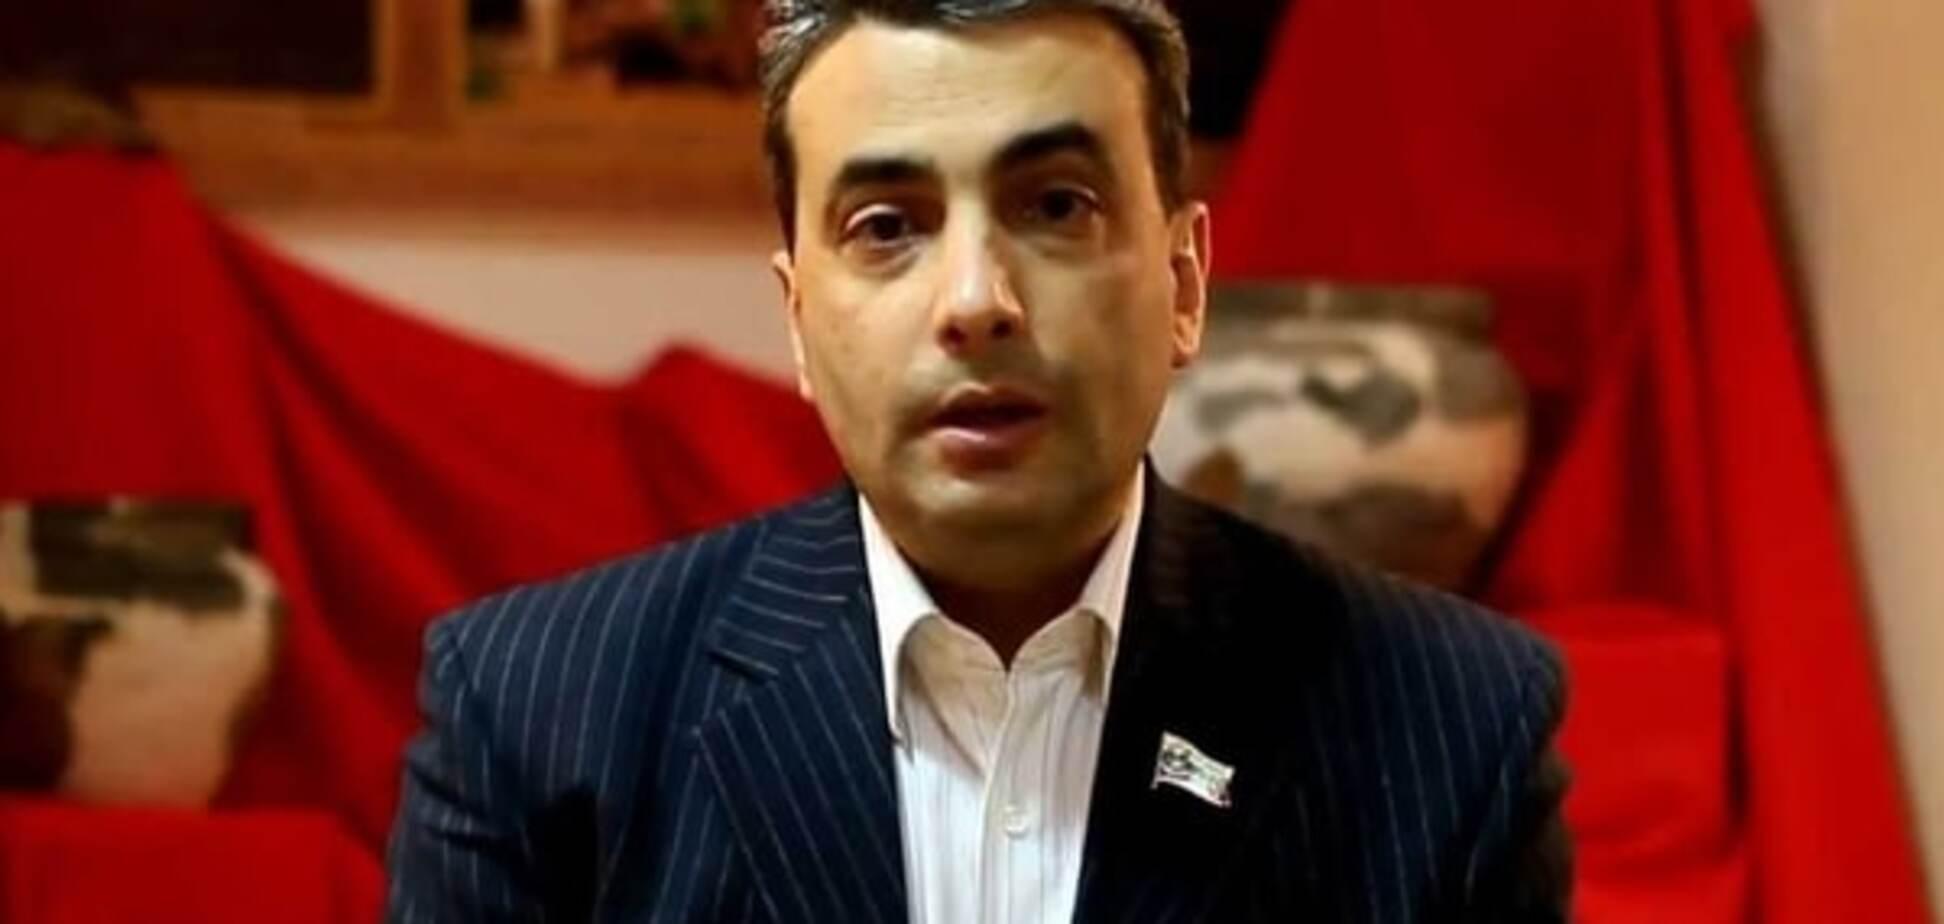 В России отобрали мандат у депутата, рассказавшего о псковских десантниках на Донбассе